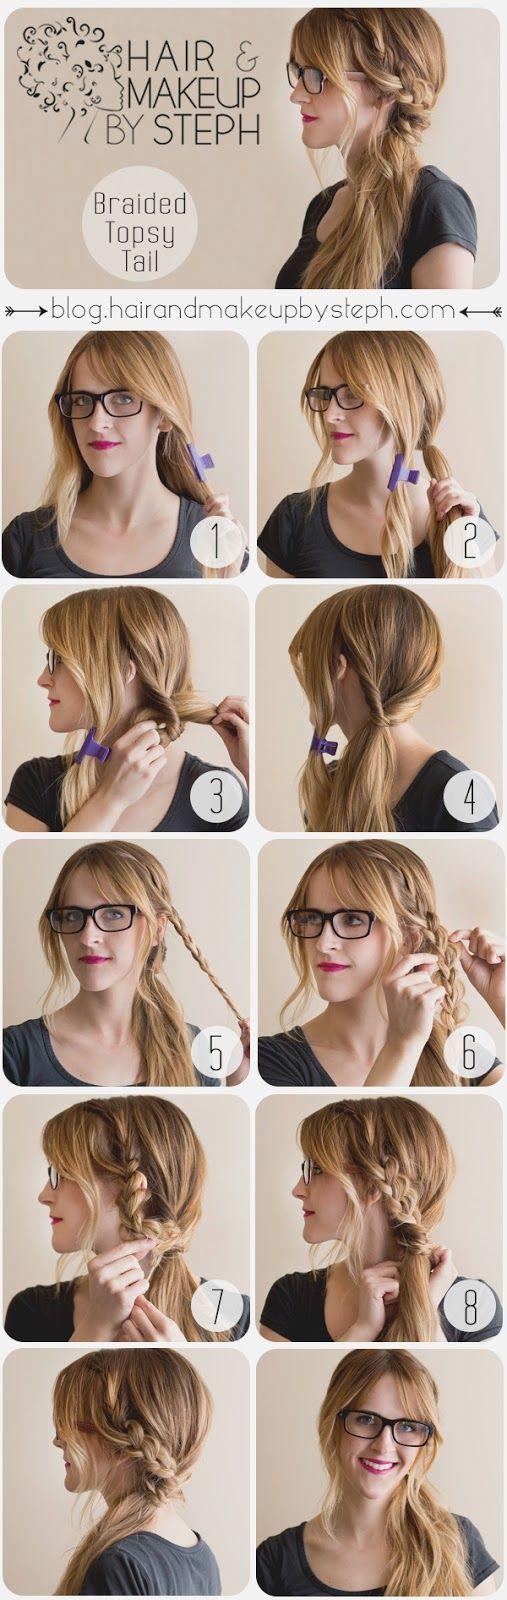 10 einfache Tutorials und hilfreiche Tipps für perfekte Frisuren